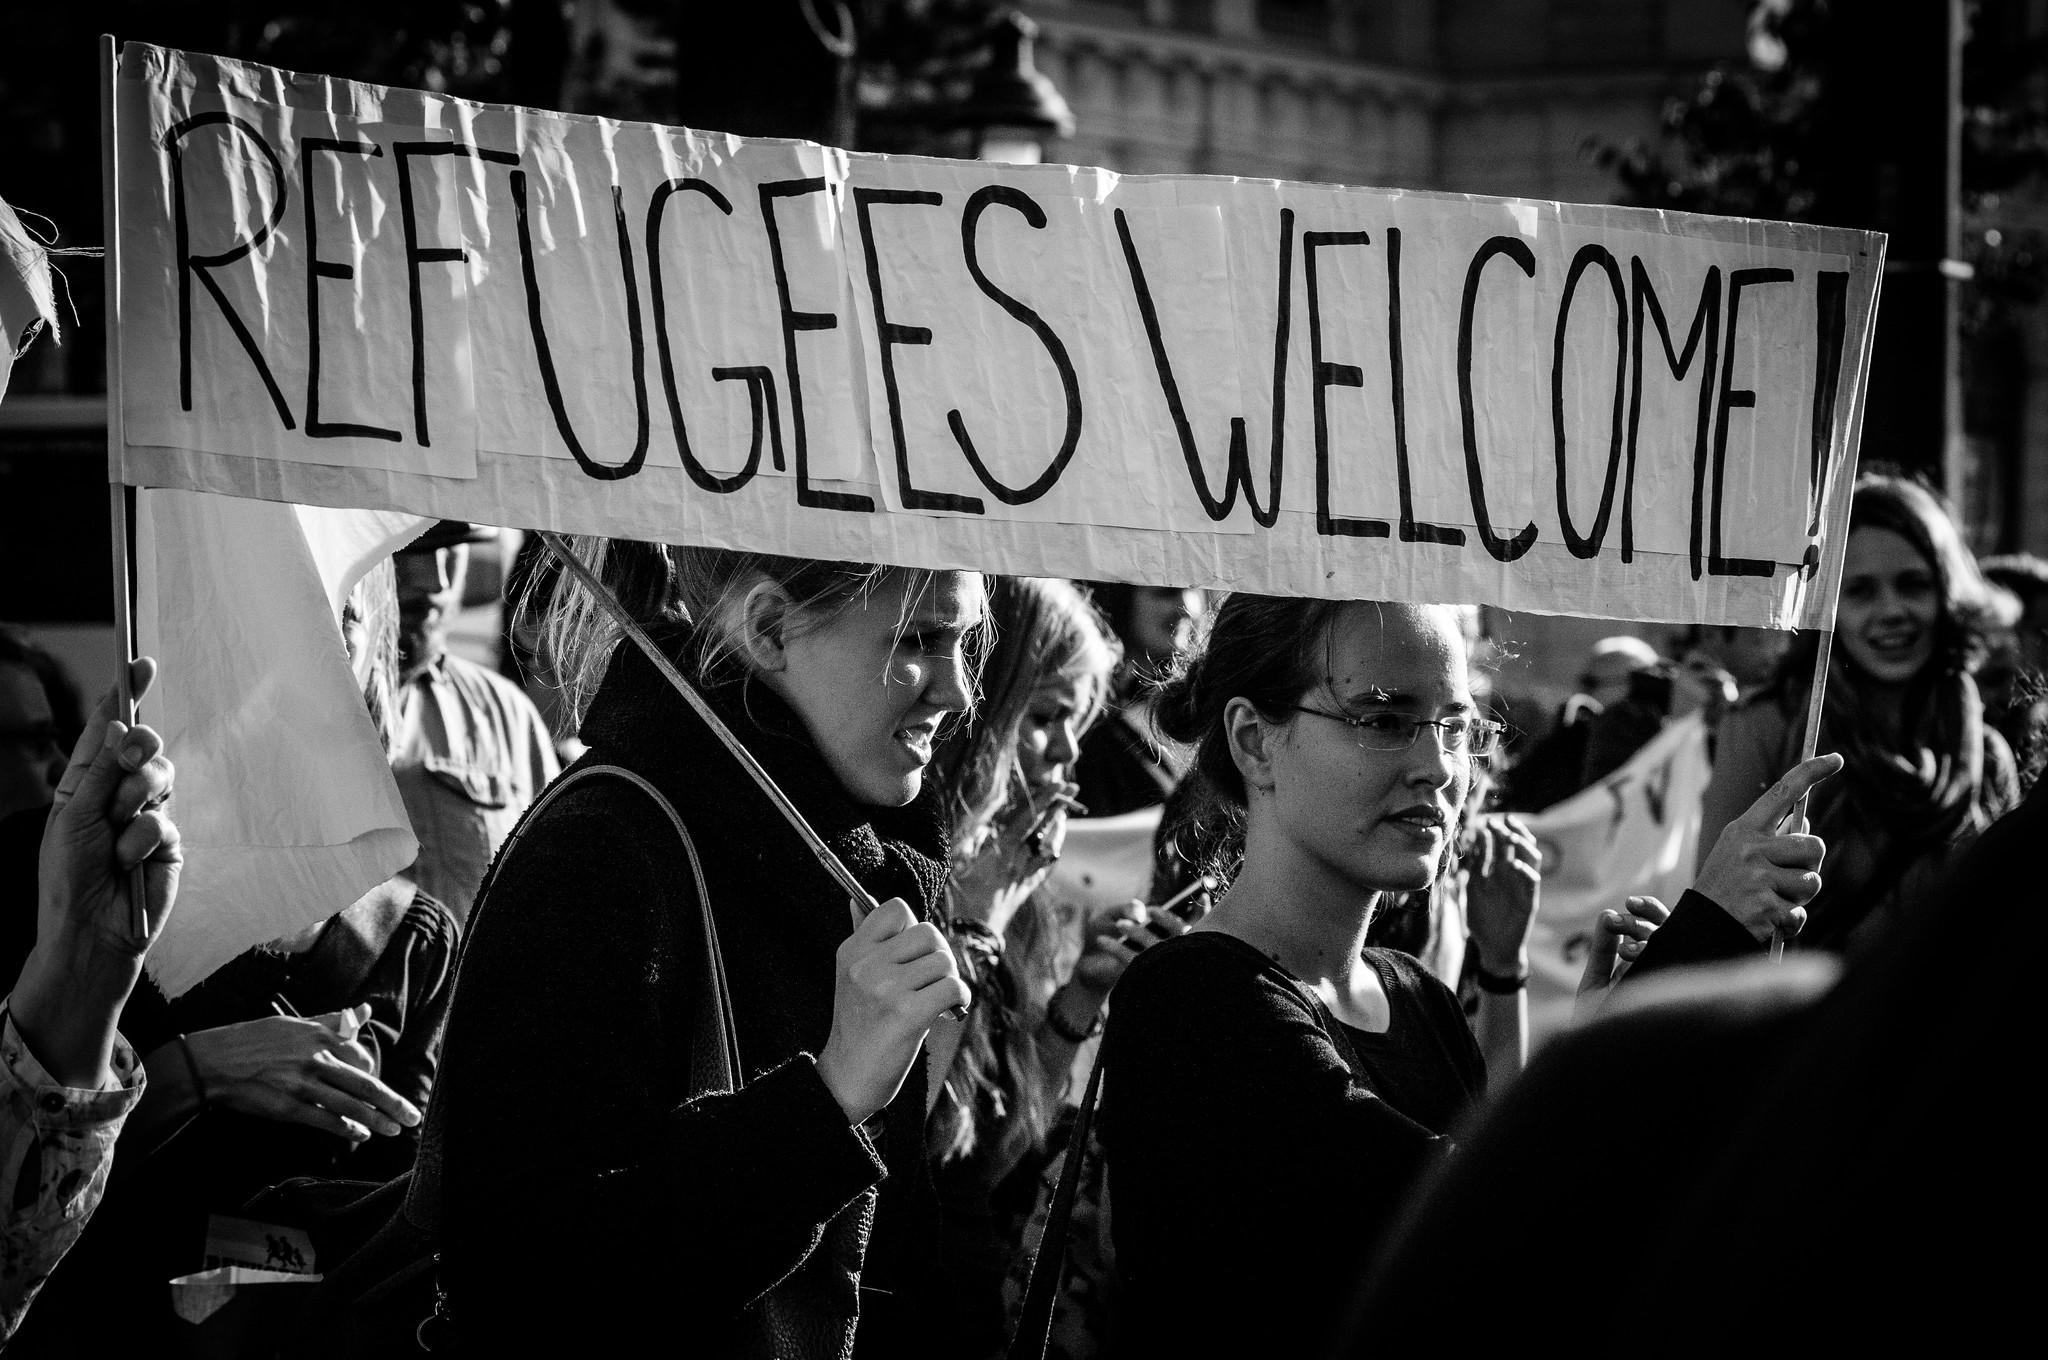 Manifestation pour l'accueil des réfugiés, à Vienne, Franz Jachim